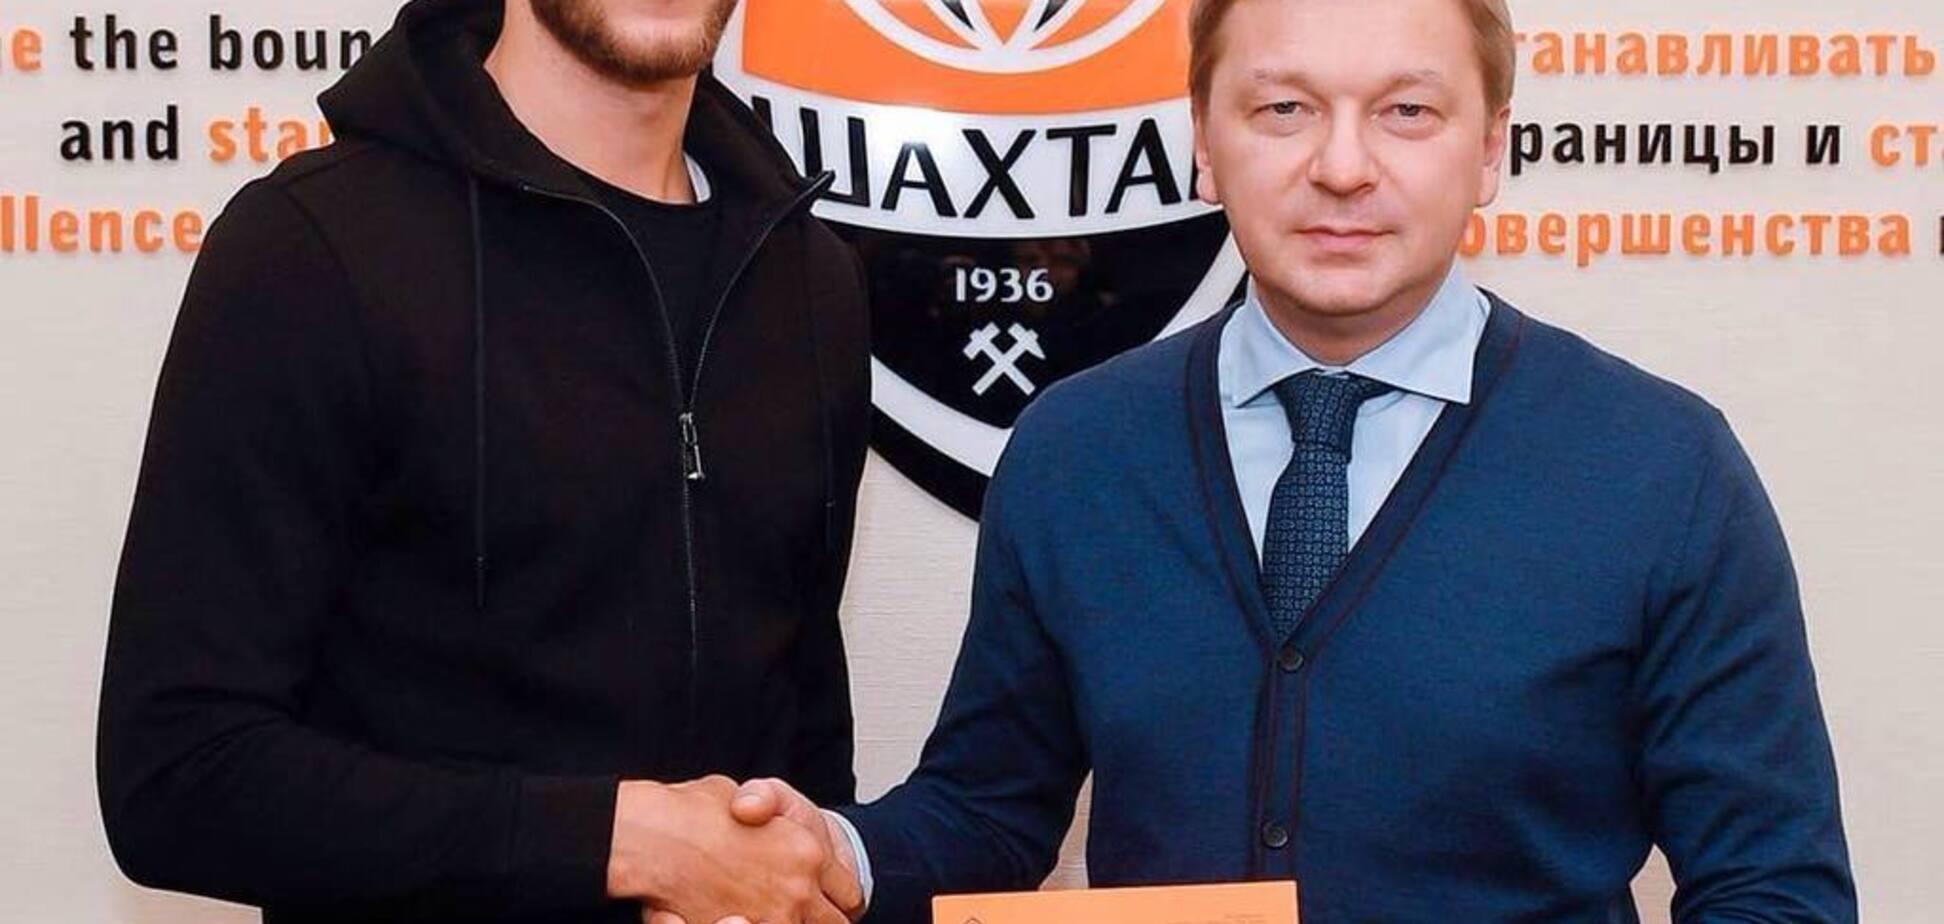 Официально: 'Шахтер' подписал киевского защитника